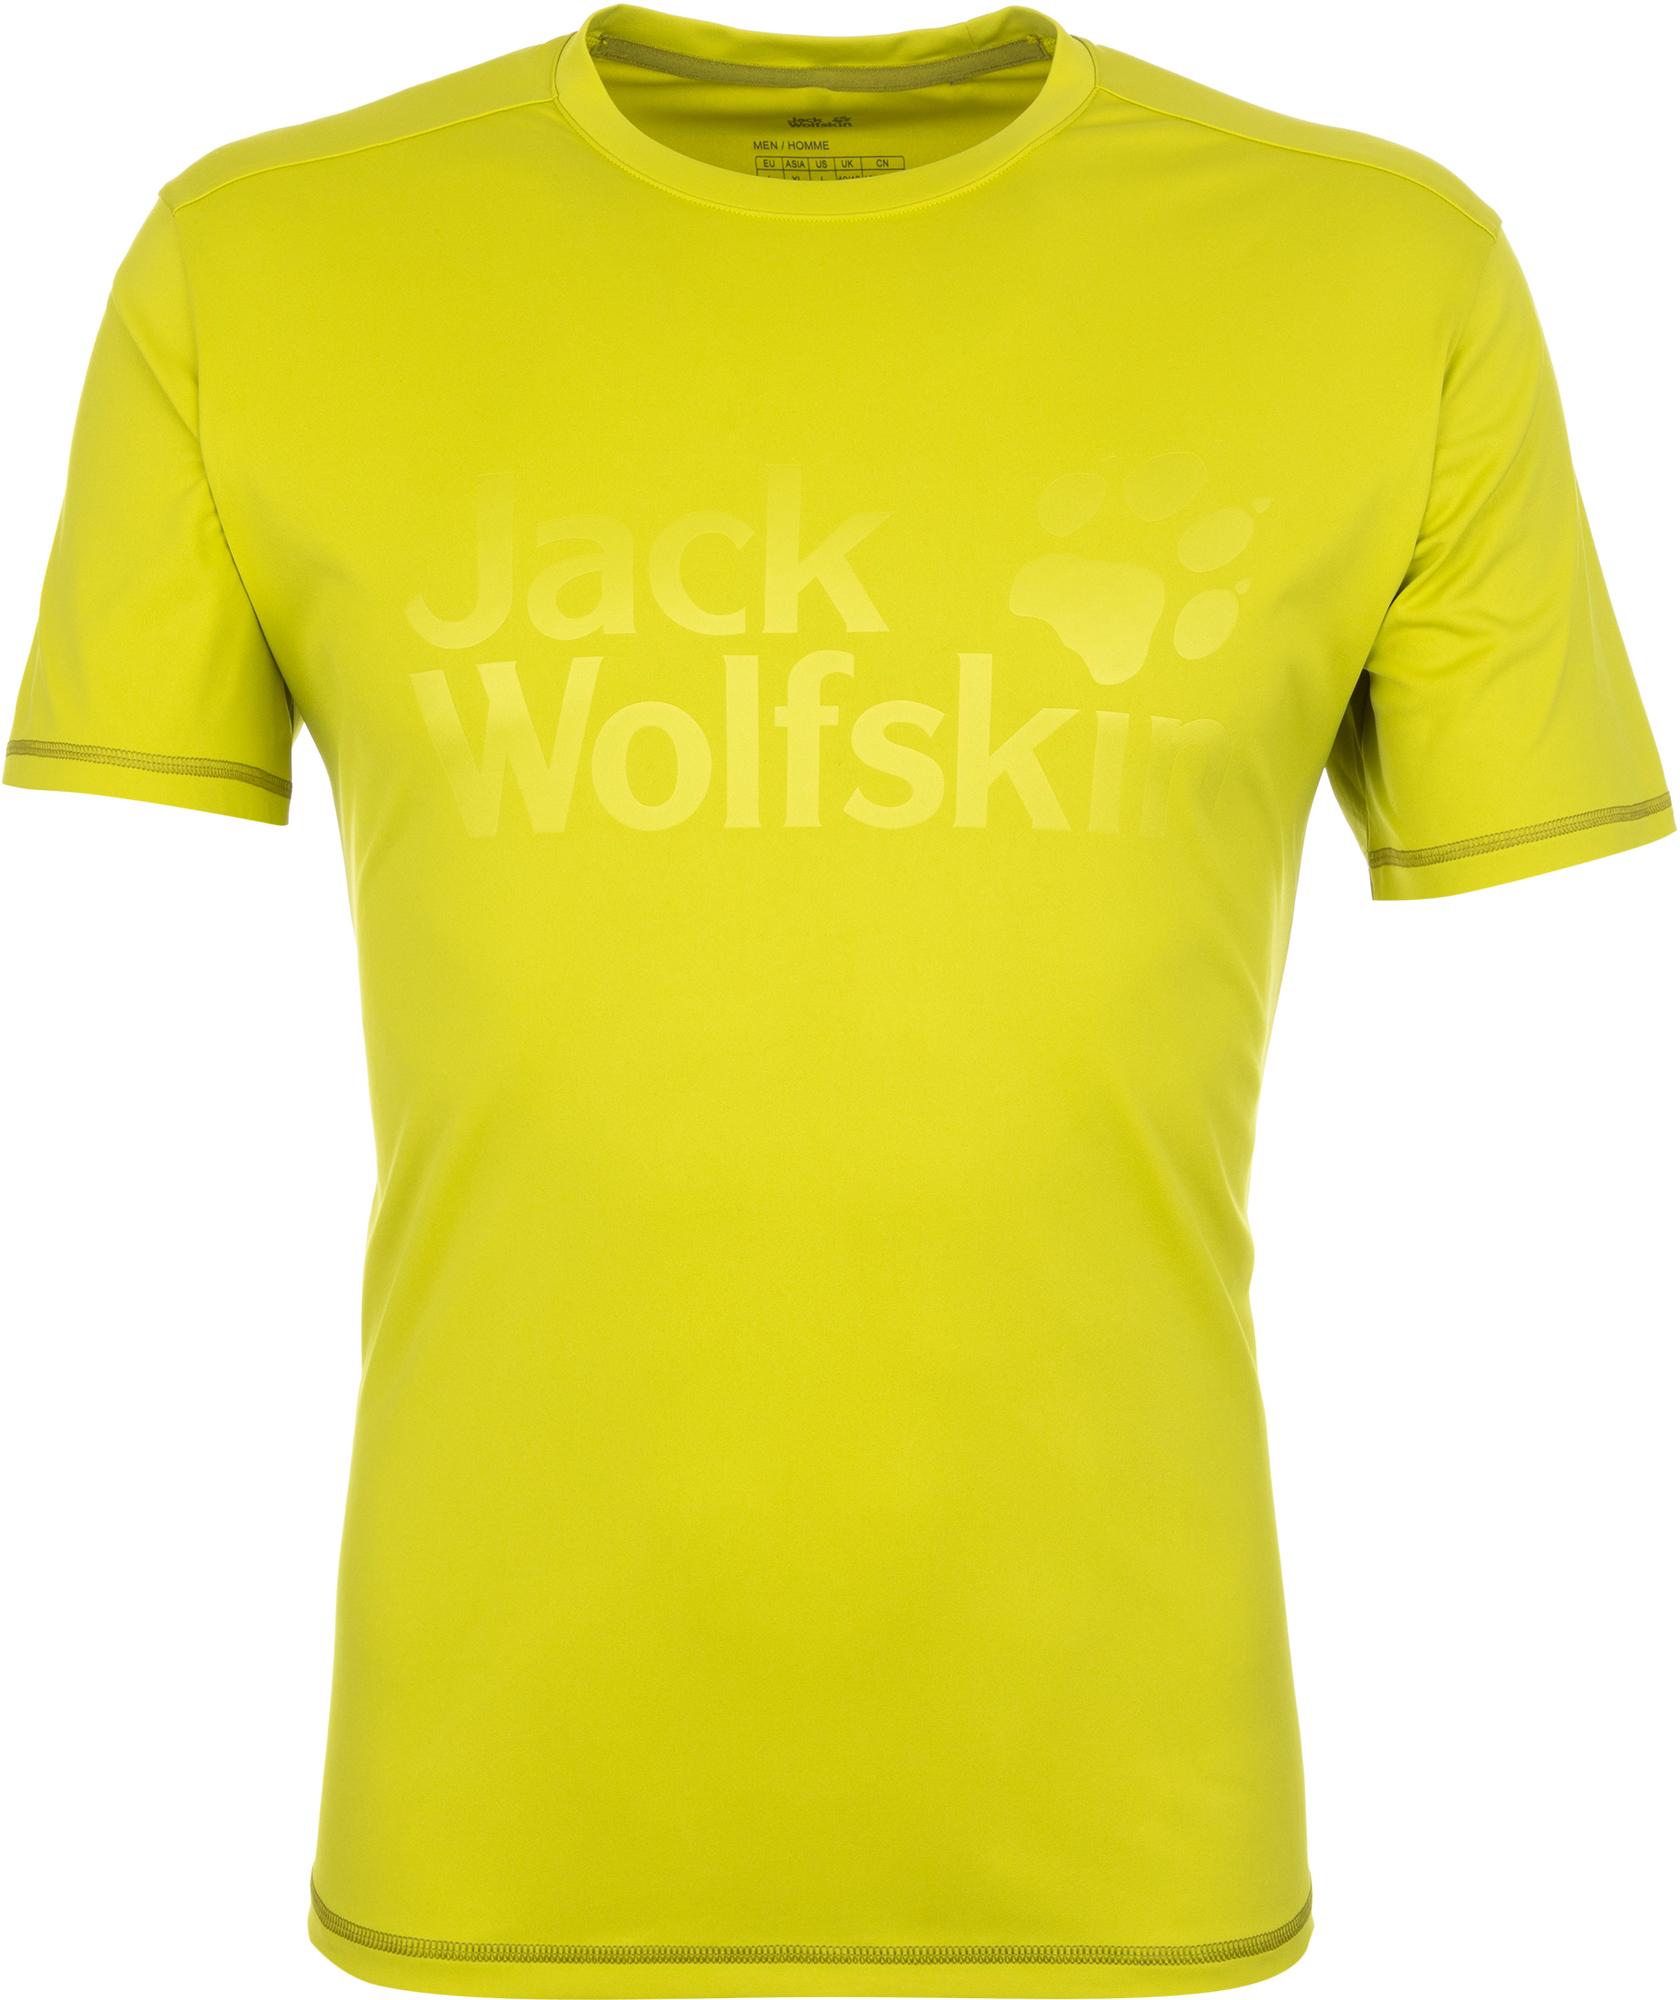 Jack Wolfskin Футболка мужская JACK WOLFSKIN Sierra, размер 50-52 футболка для мальчика jack wolfskin brand t boys цвет темно голубой 1607241 1087 размер 176 182